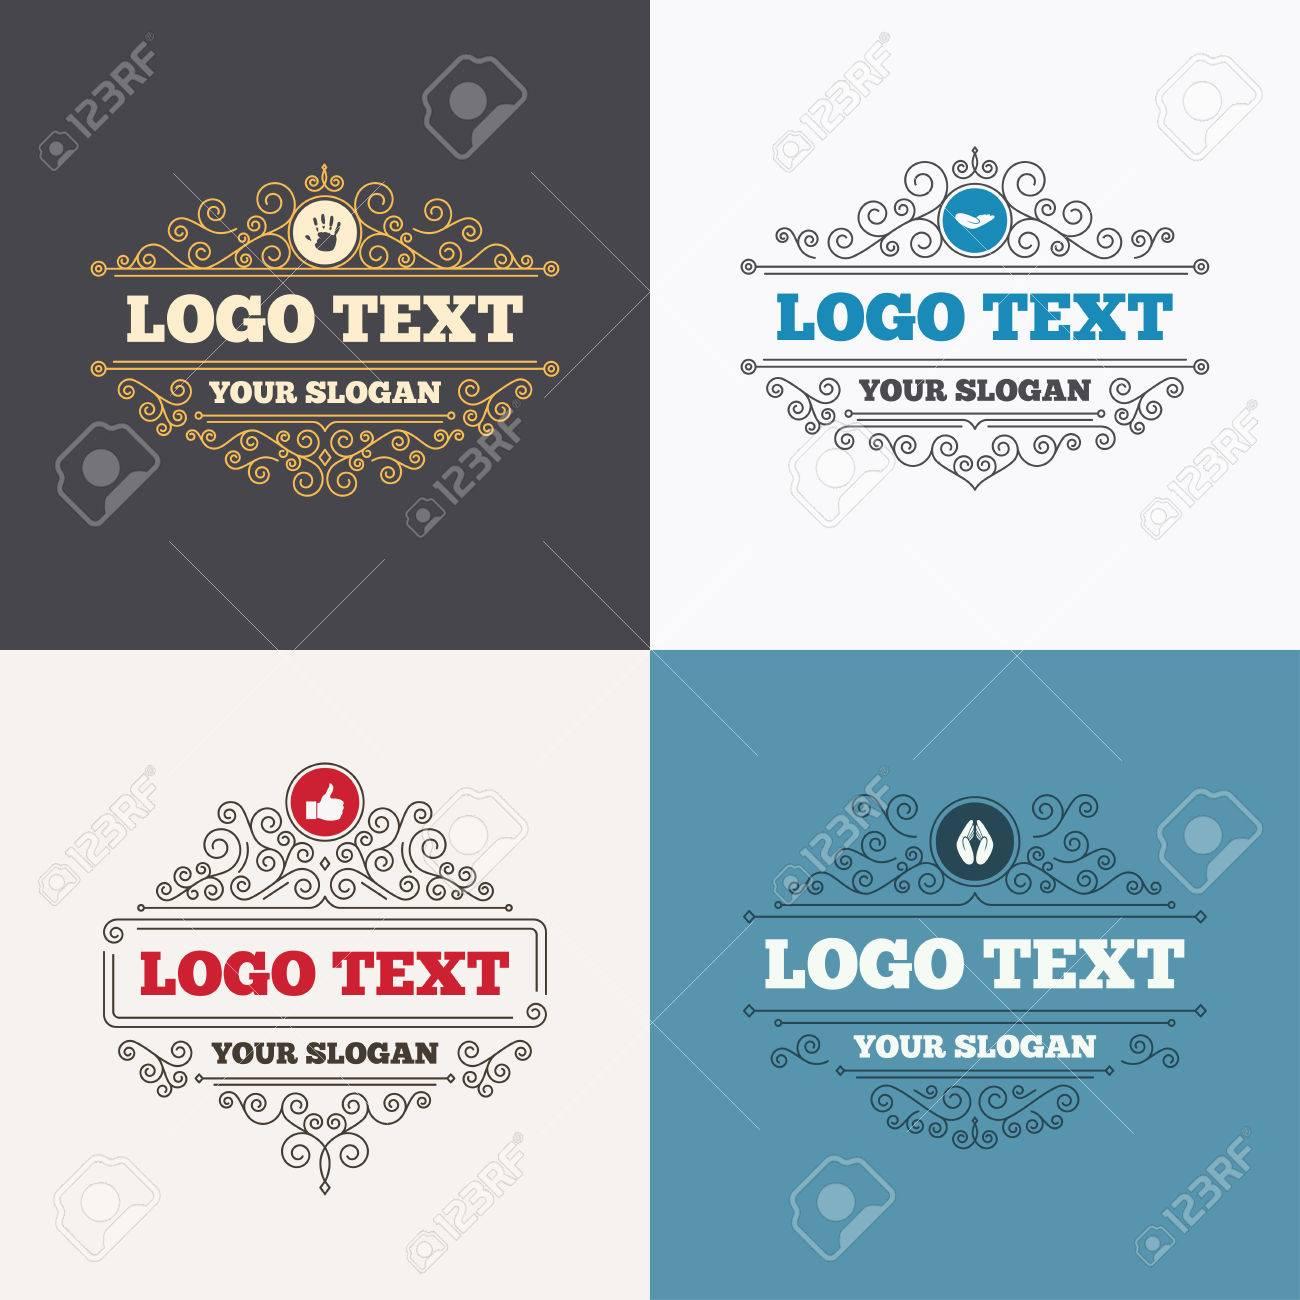 Flourishes Calligraphic Emblems Hand Icons Like Thumb Up Symbol